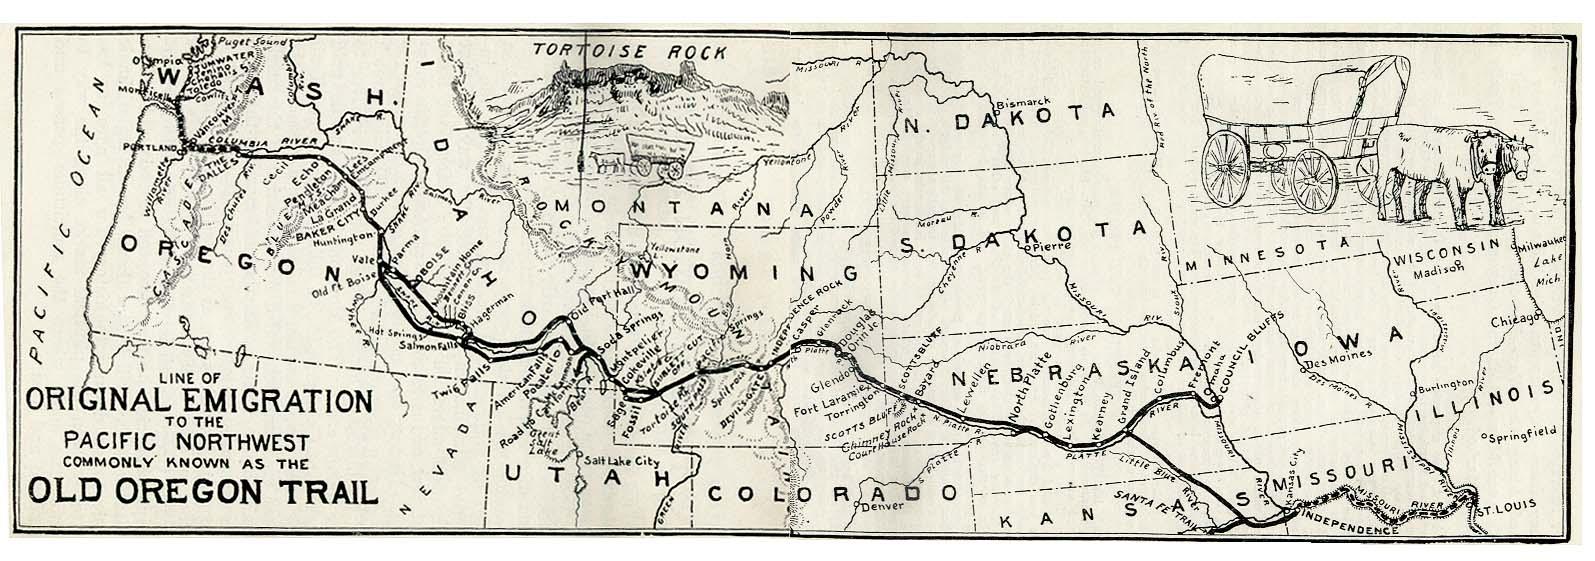 Oregon Trail Map Credit NPS